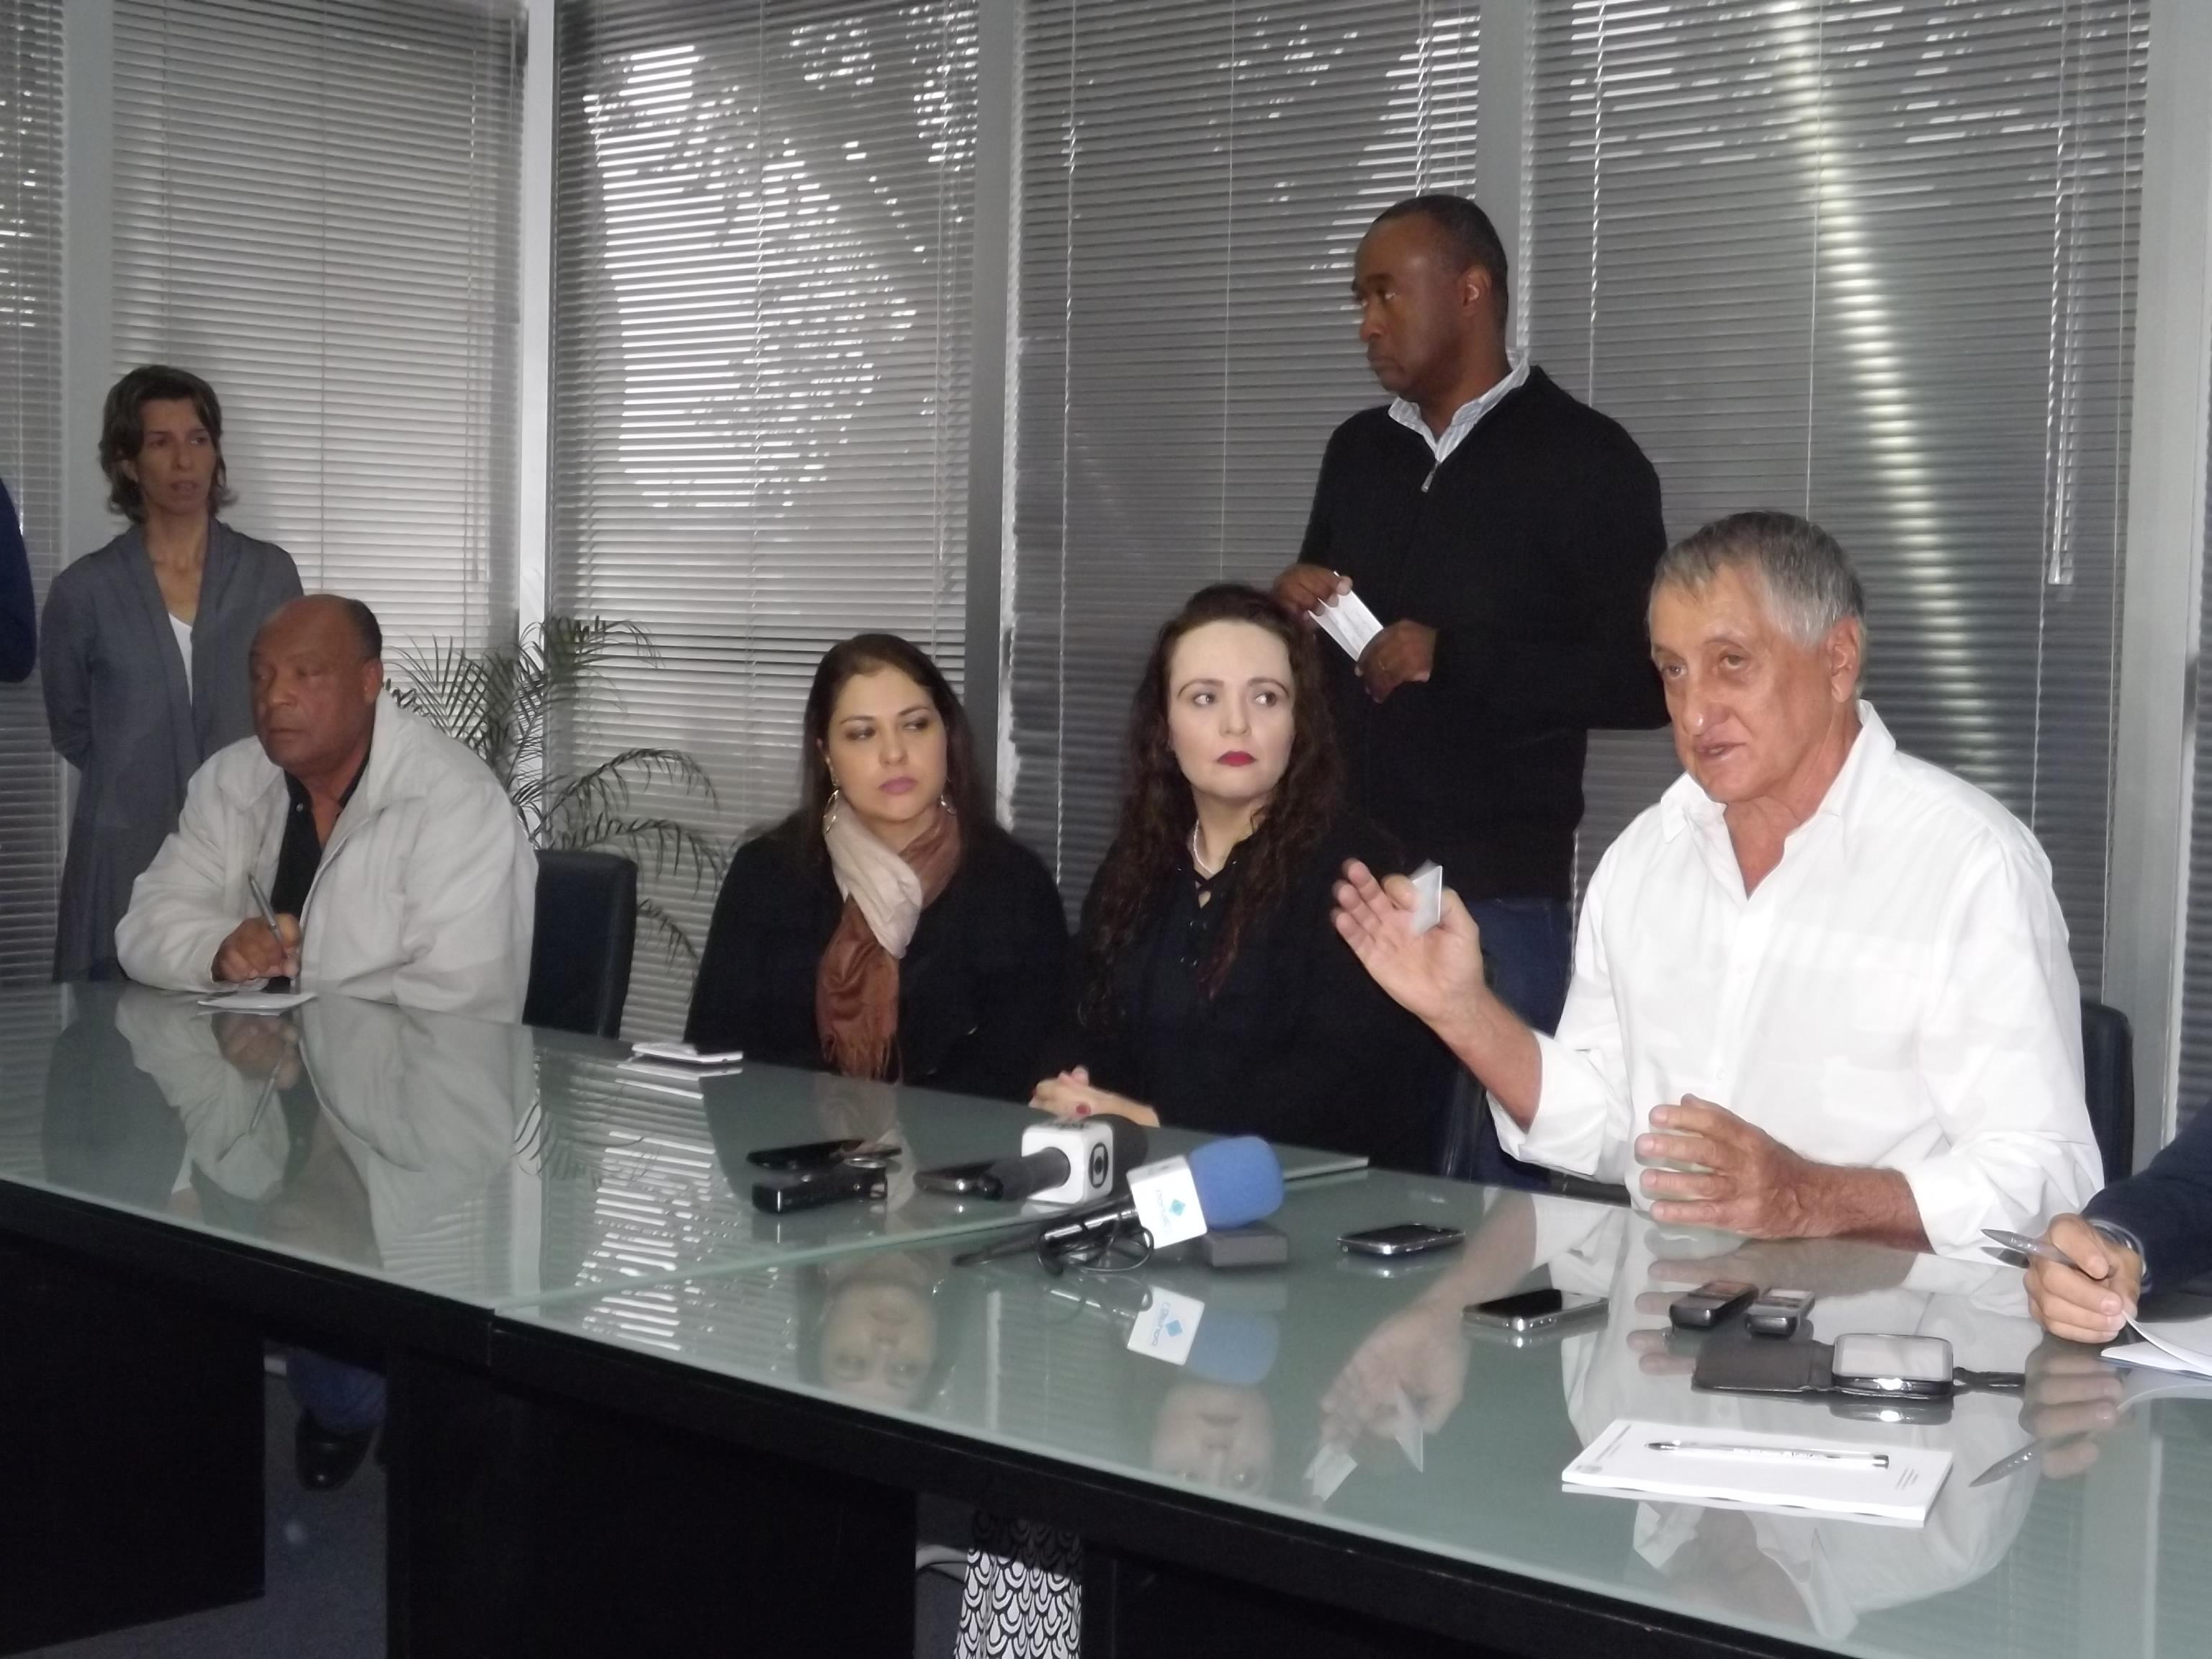 O prefeito Vito Ardito explica medidas para tentar barrar ação que pede extinção de 2,3 mil cargos (Foto: Lucas Barbosa)